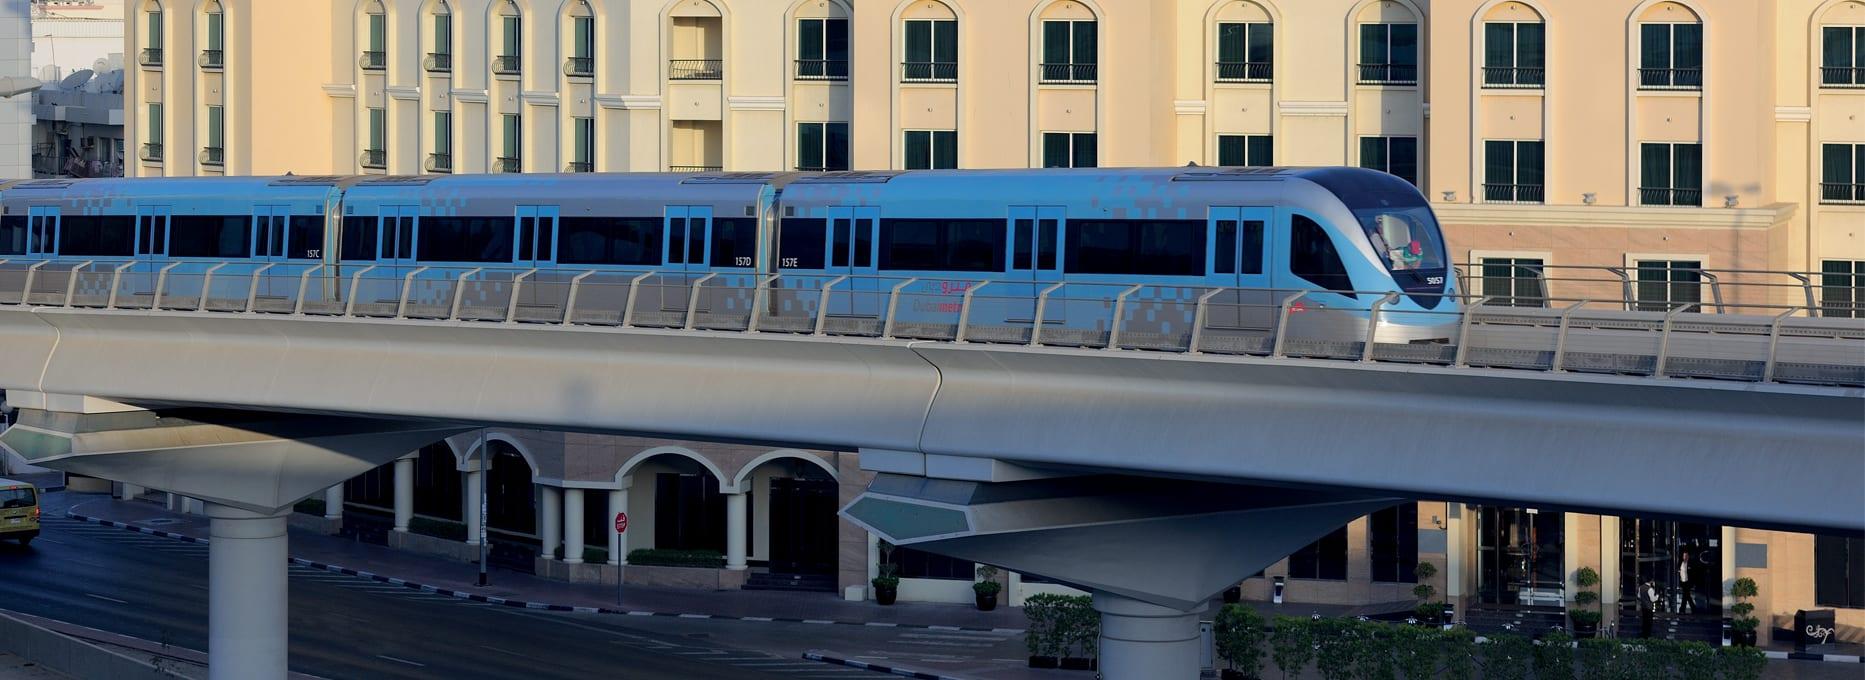 VDDH Hotel Exterior - Metro